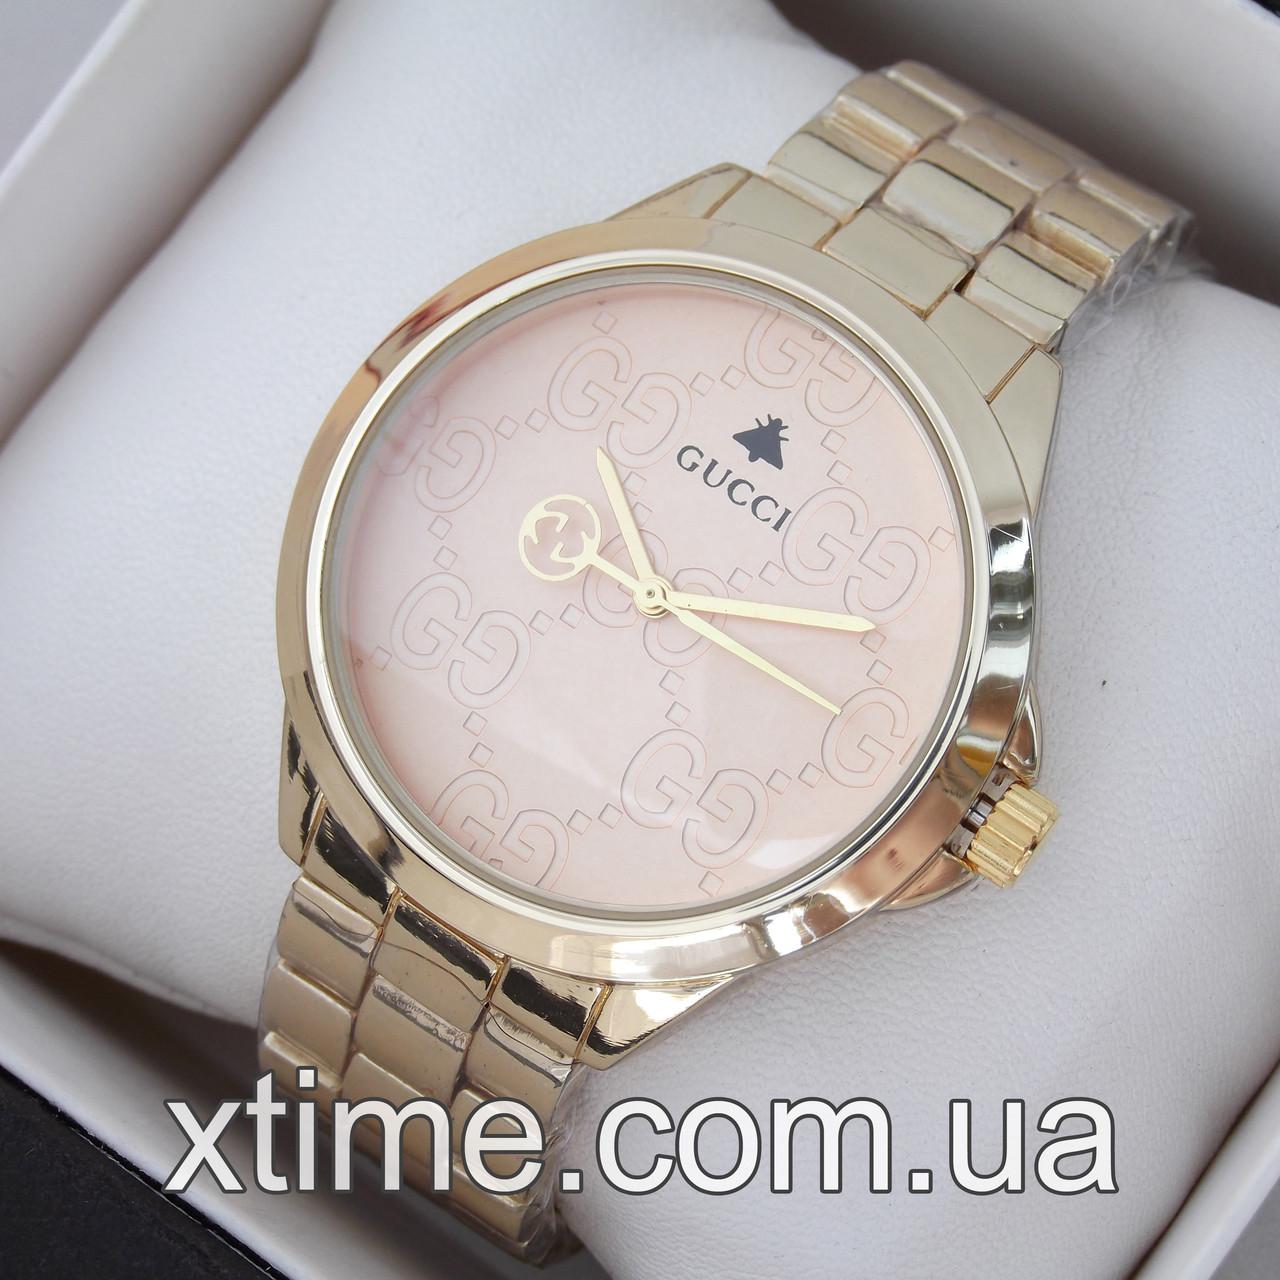 1792223d0bd3 Женские наручные часы Gucci 7161: продажа, цена в Харькове. часы наручные и  карманные ...